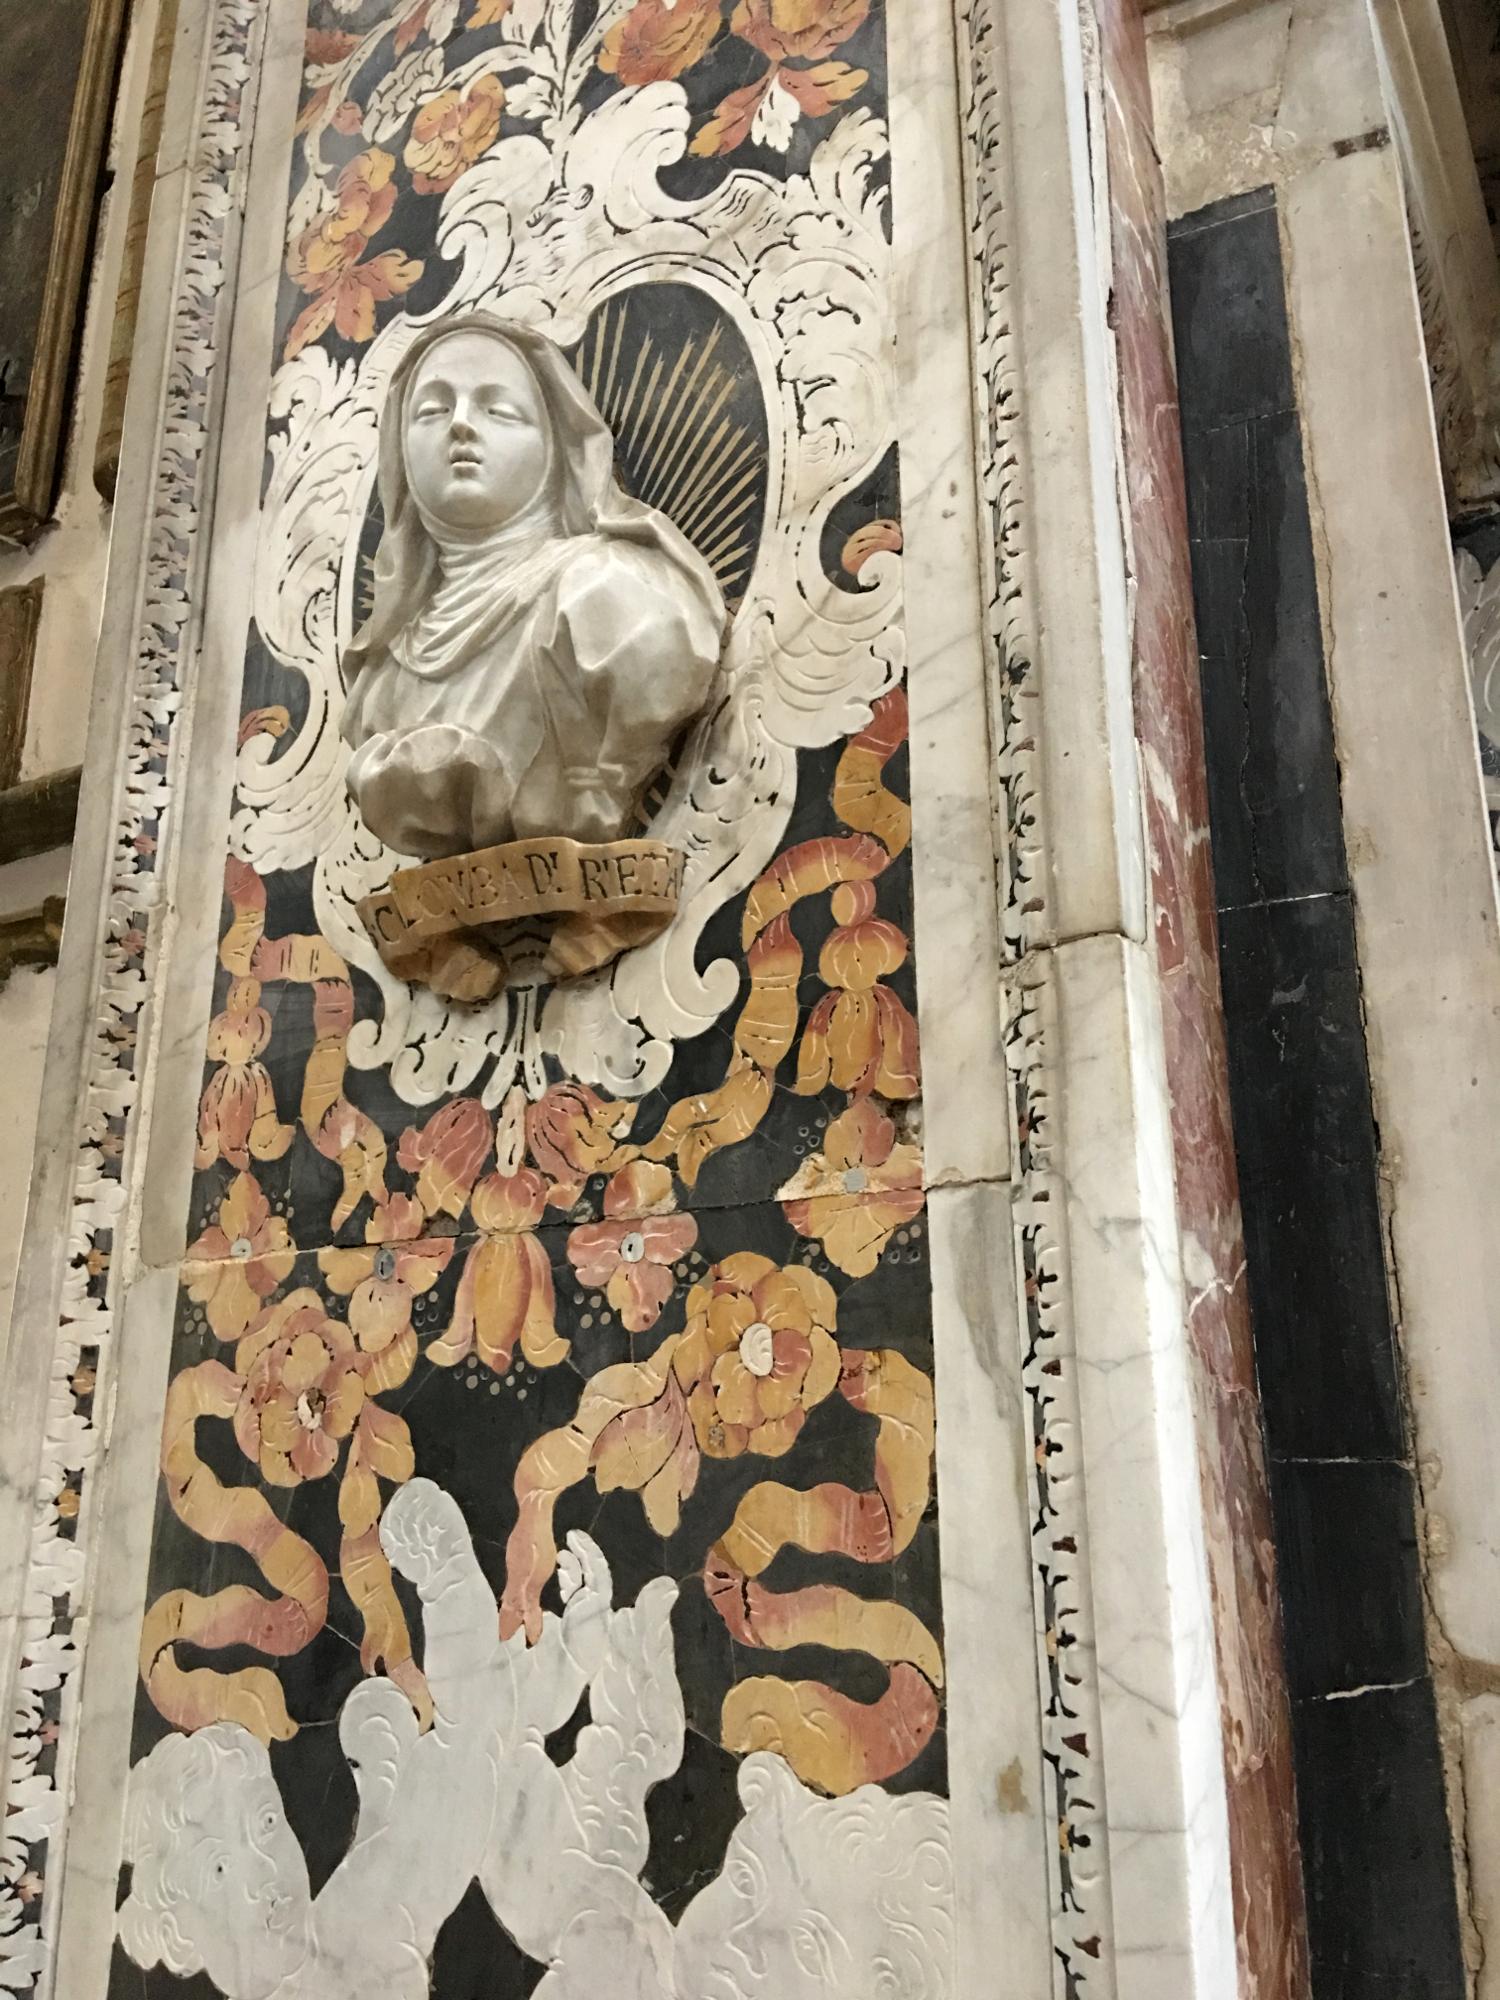 rocaille-blog-sicilia-palermo-santa-caterina-47